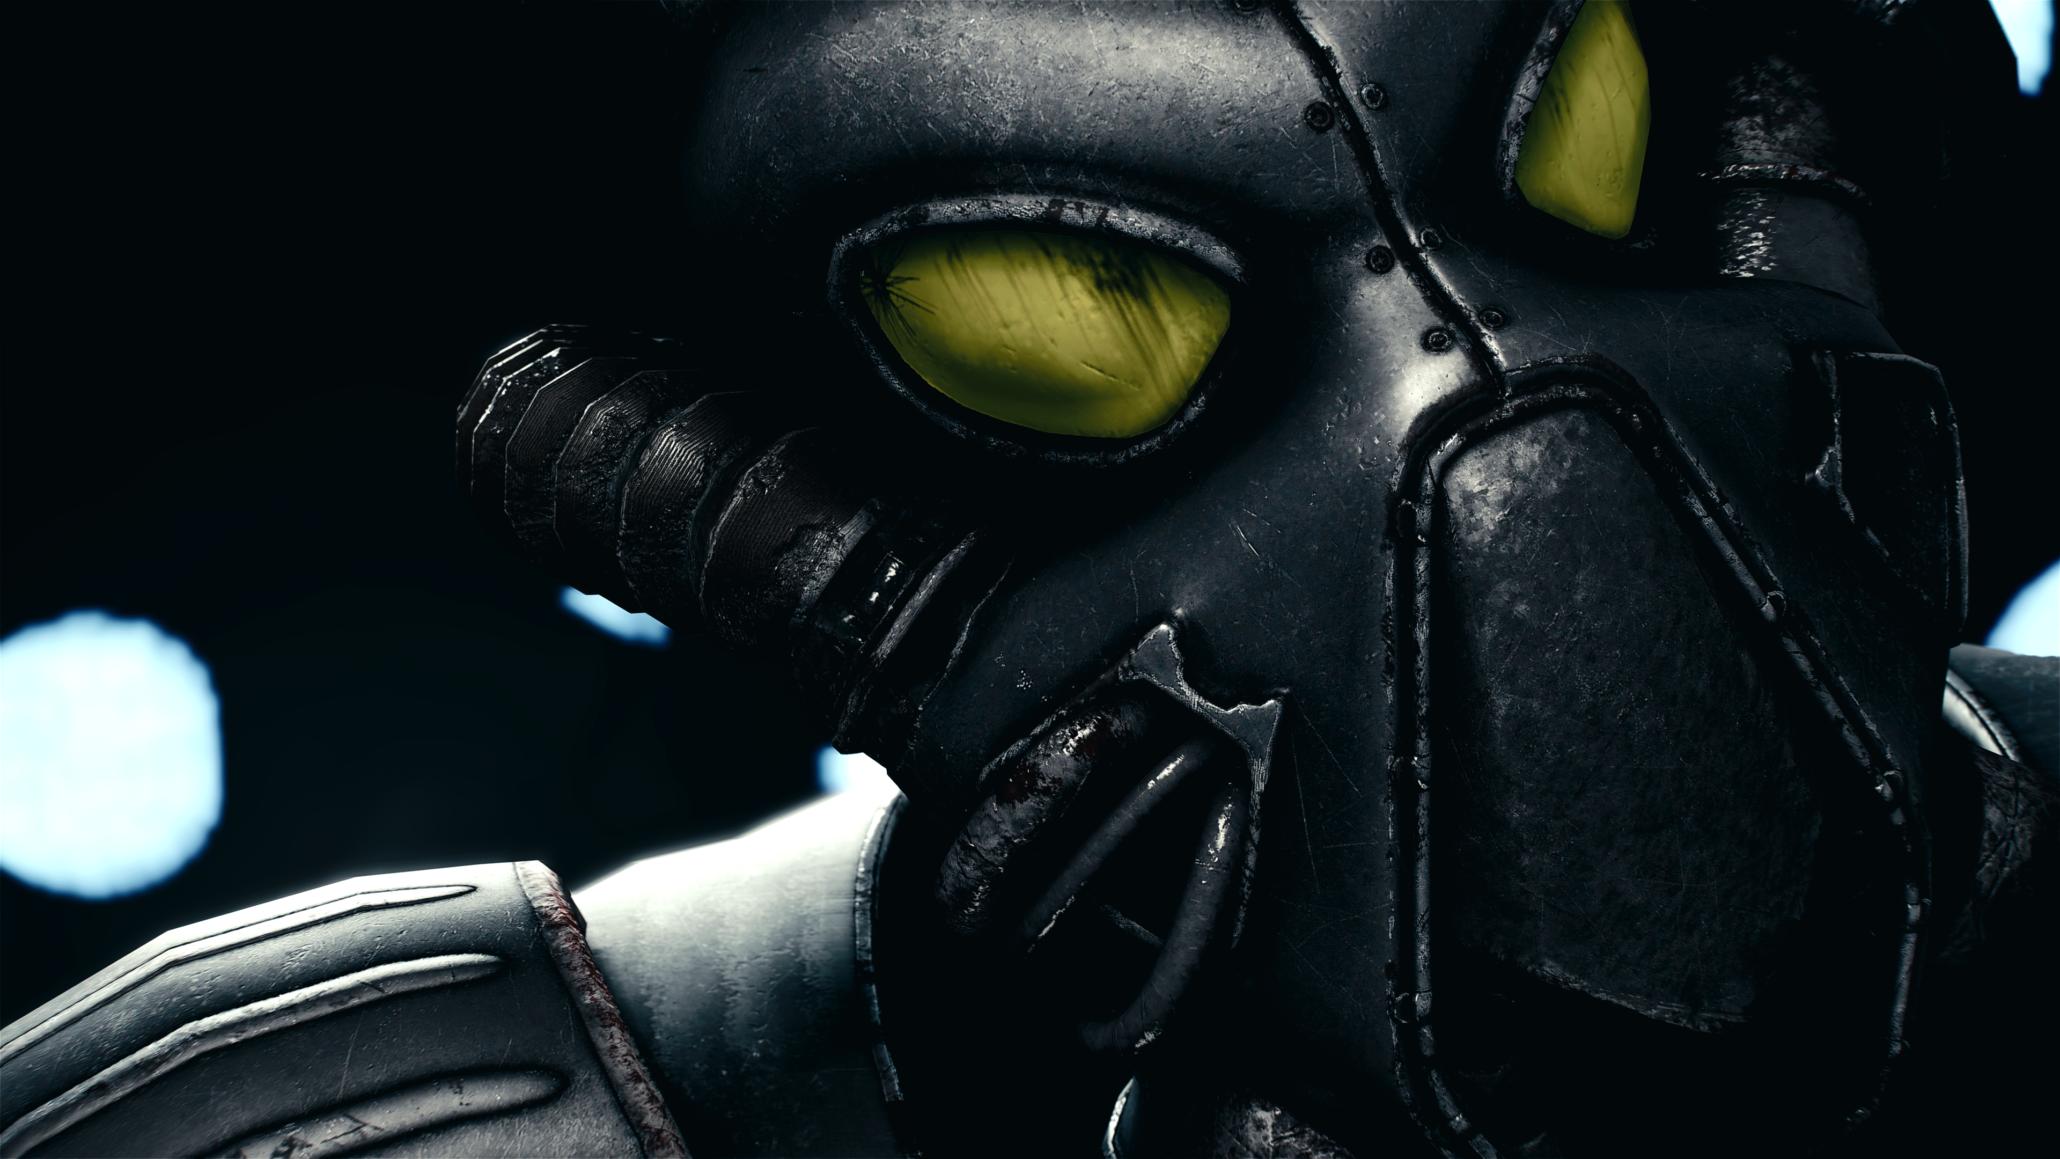 Fallout 4 Enclave Armor Mod Adds Enclave Remnants Power